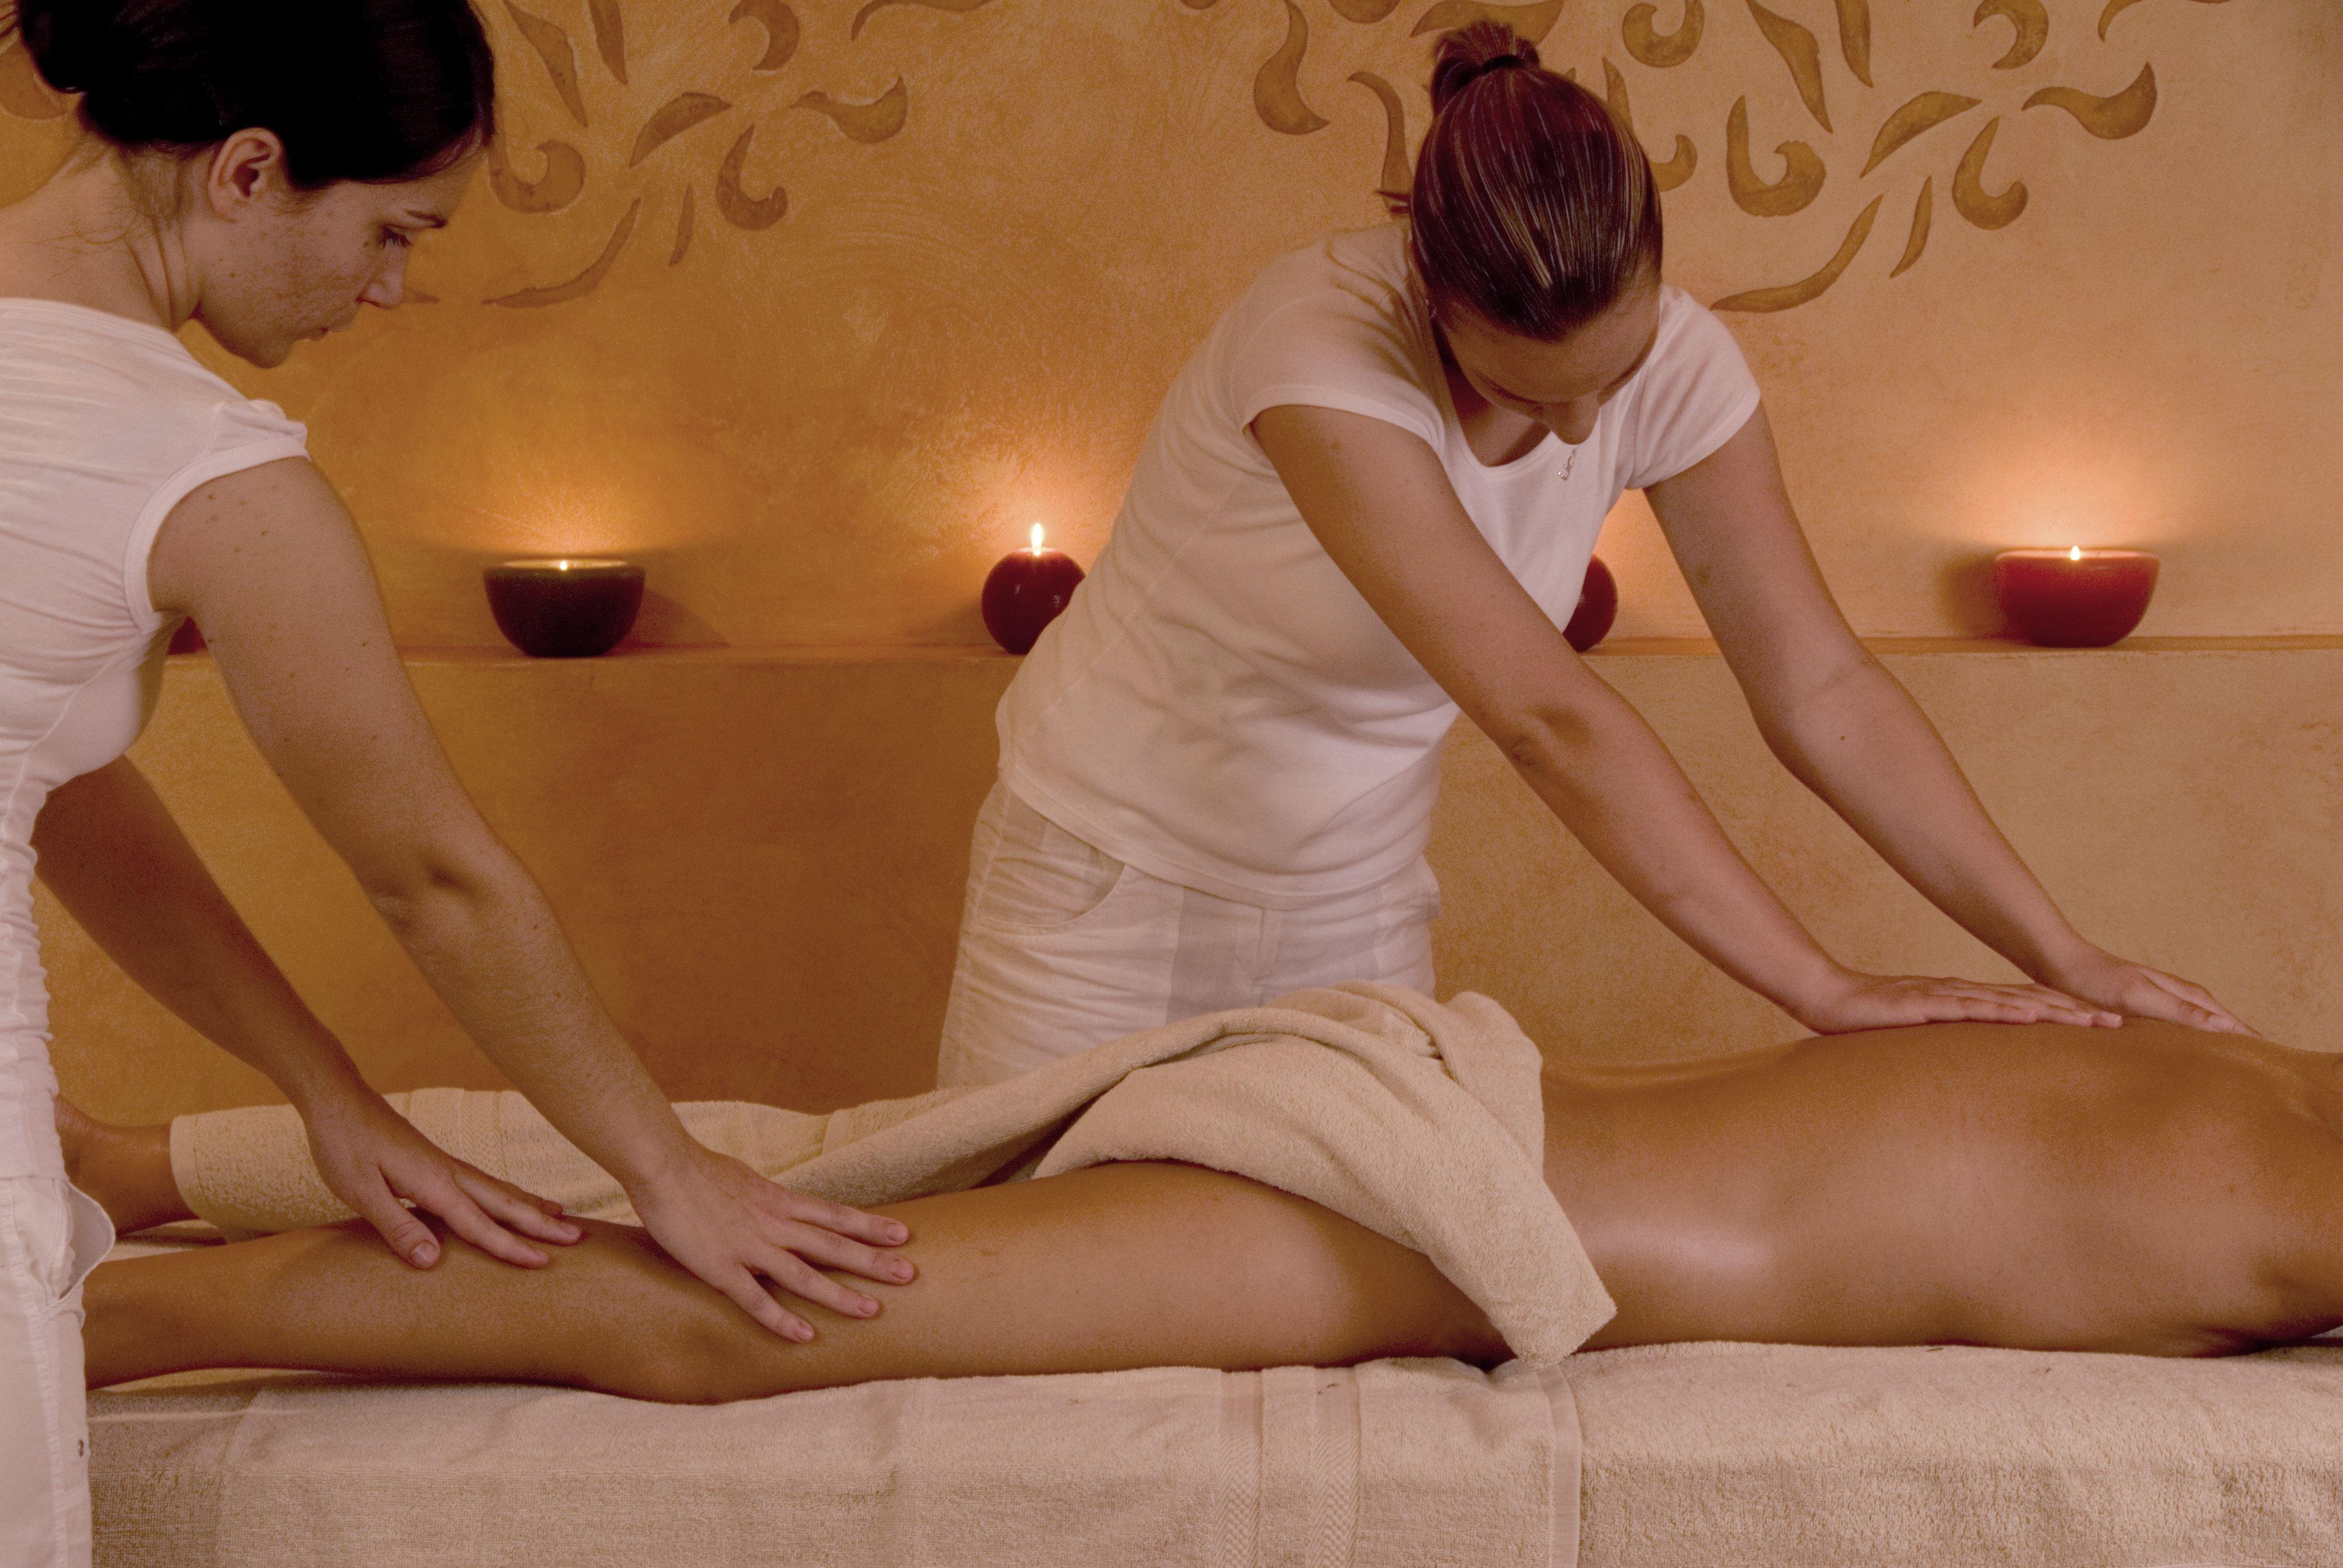 Женщины делают массаж женщинам смотреть онлайн #6